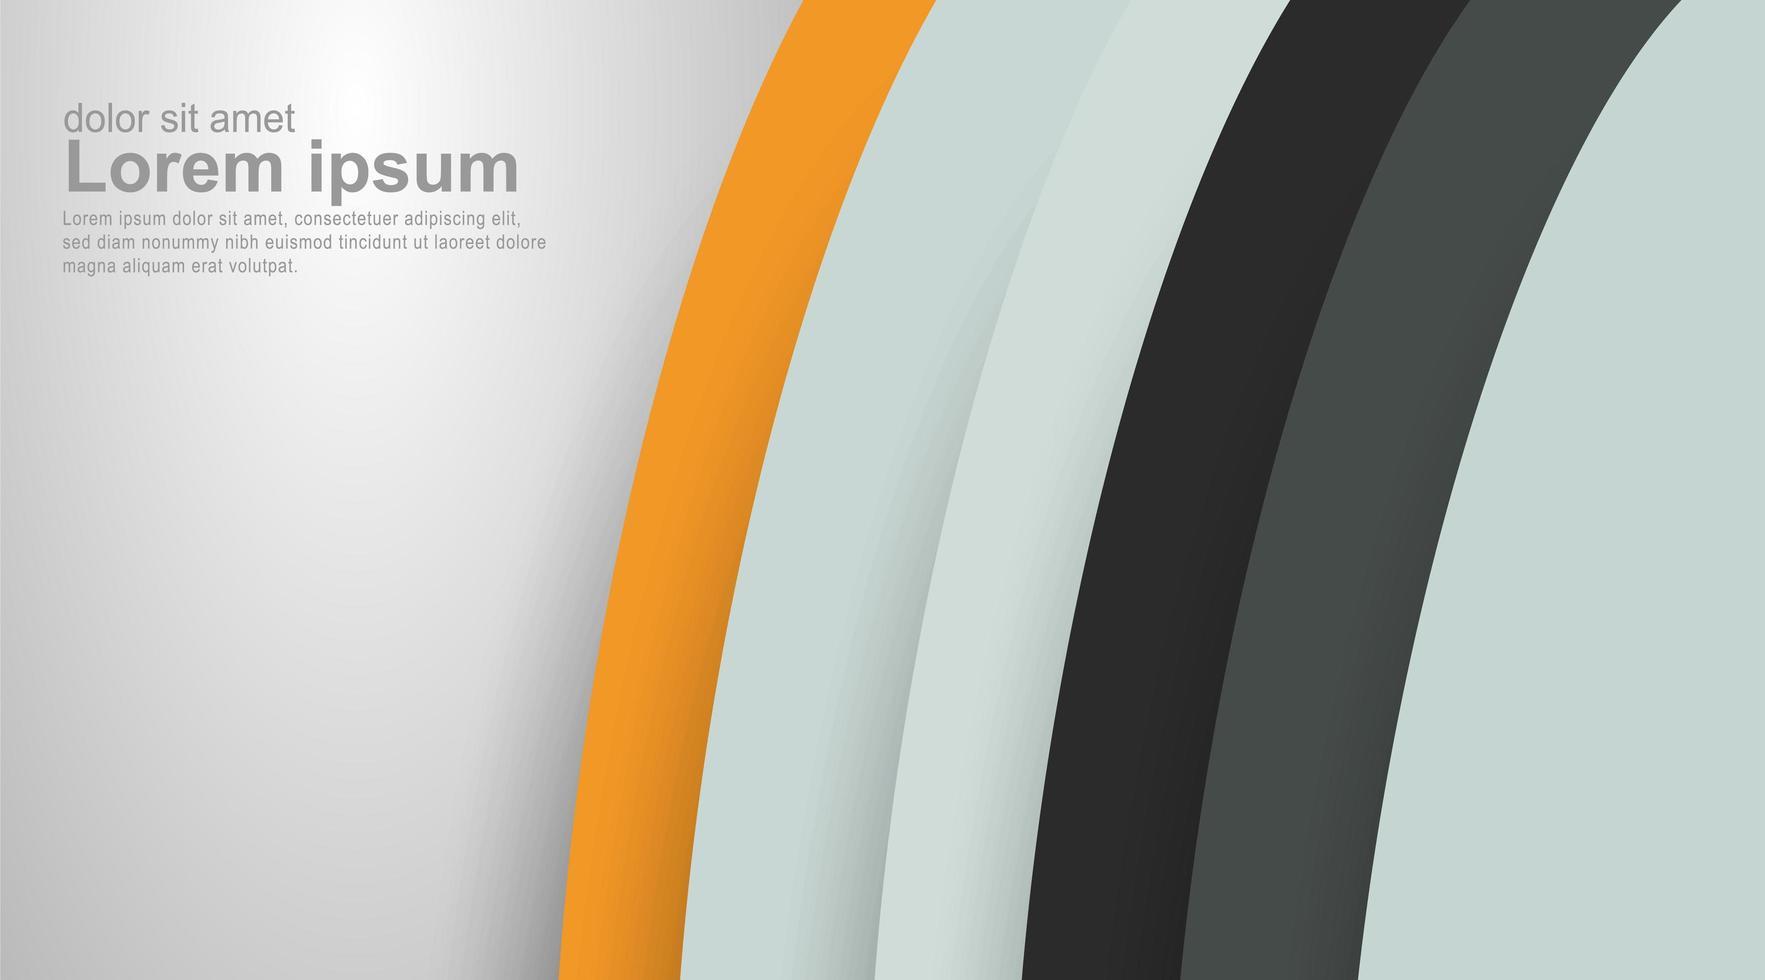 abstracte vector achtergrond. gebogen lijn textuur.